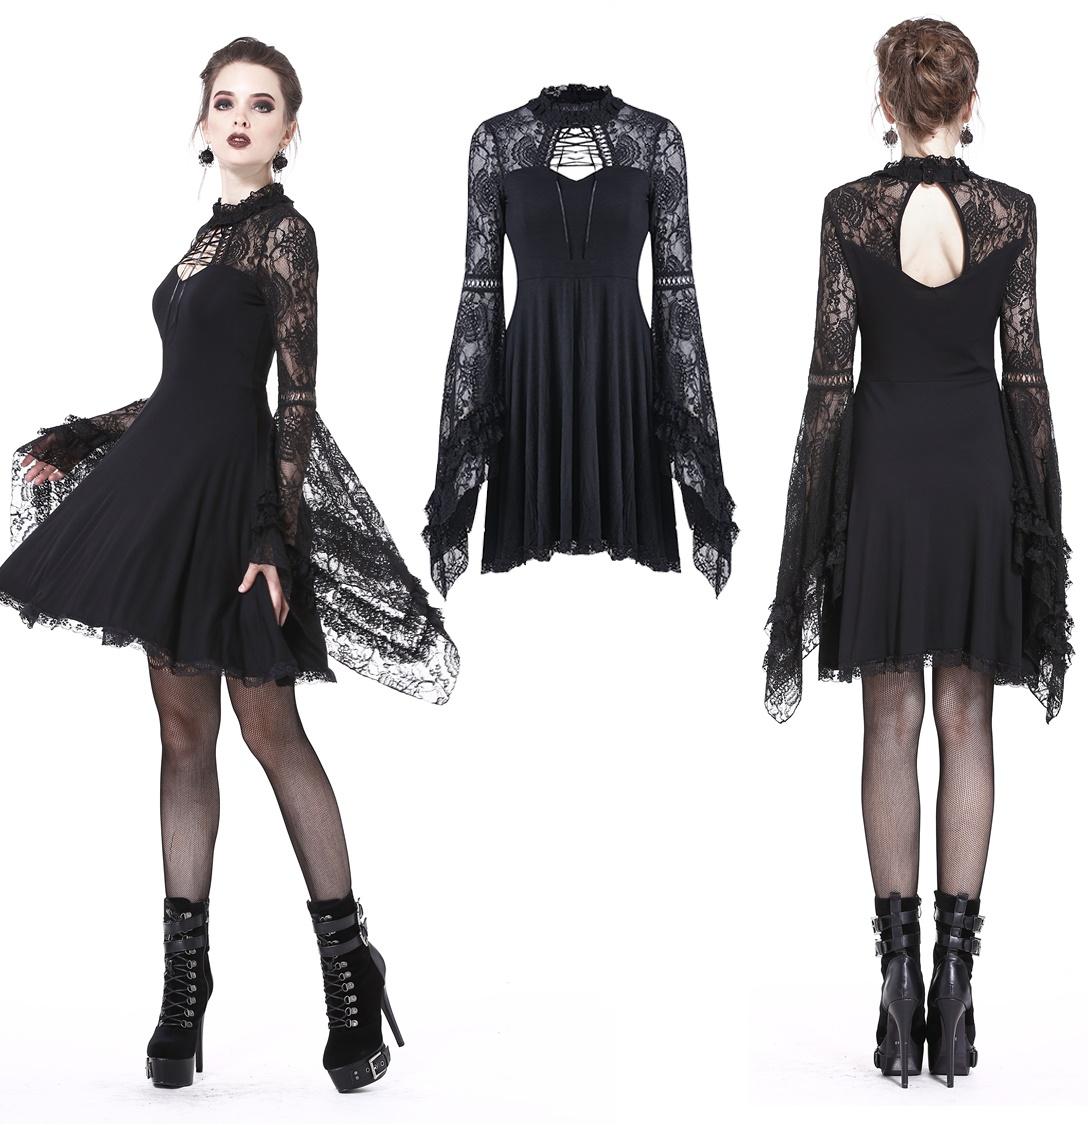 e2f1b3da2b96 kurzes Spitzenkleid Dark in Love - Dark in Love bei Gothic Onlineshop -  www.the-clash.de